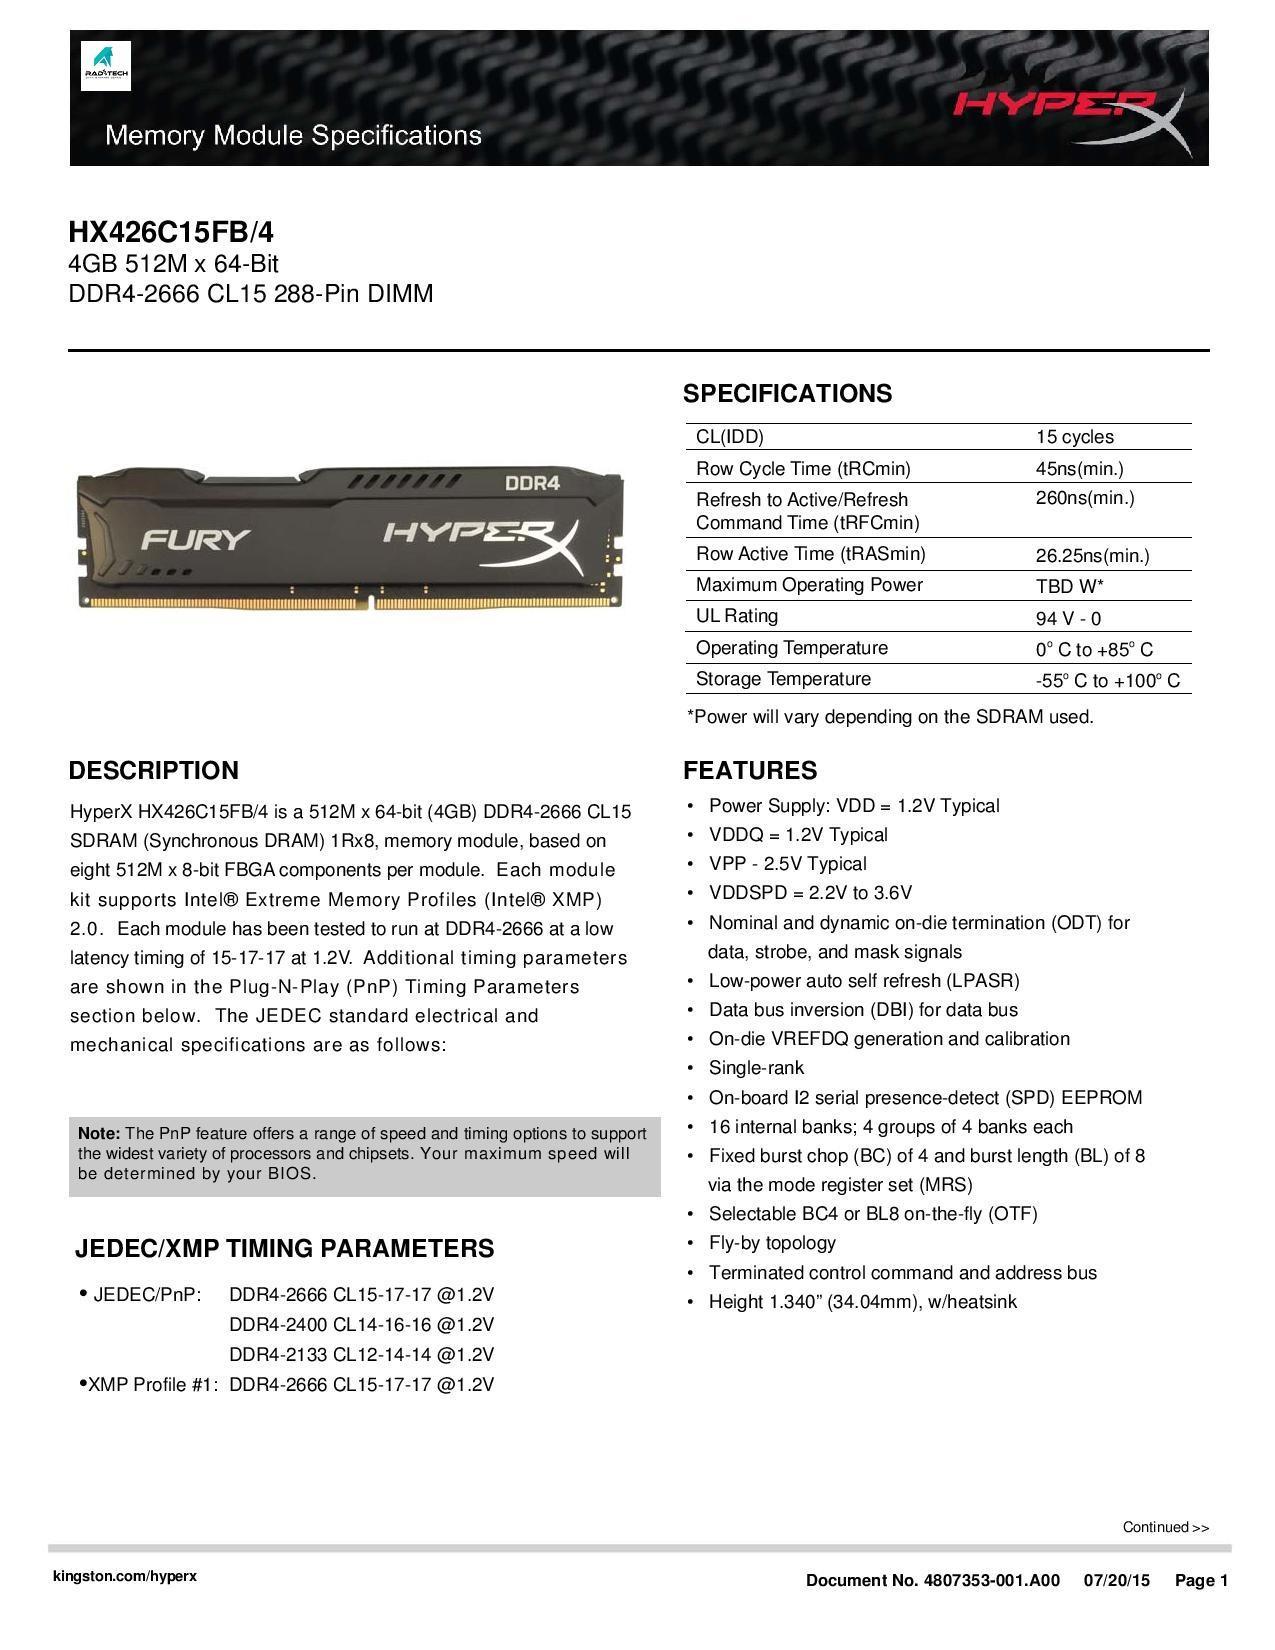 Kingston HyperX Fury 4GB 2666Mhz DDR4 Non-ECC CL15 DIMM Desktop Memory Ram  (Black)